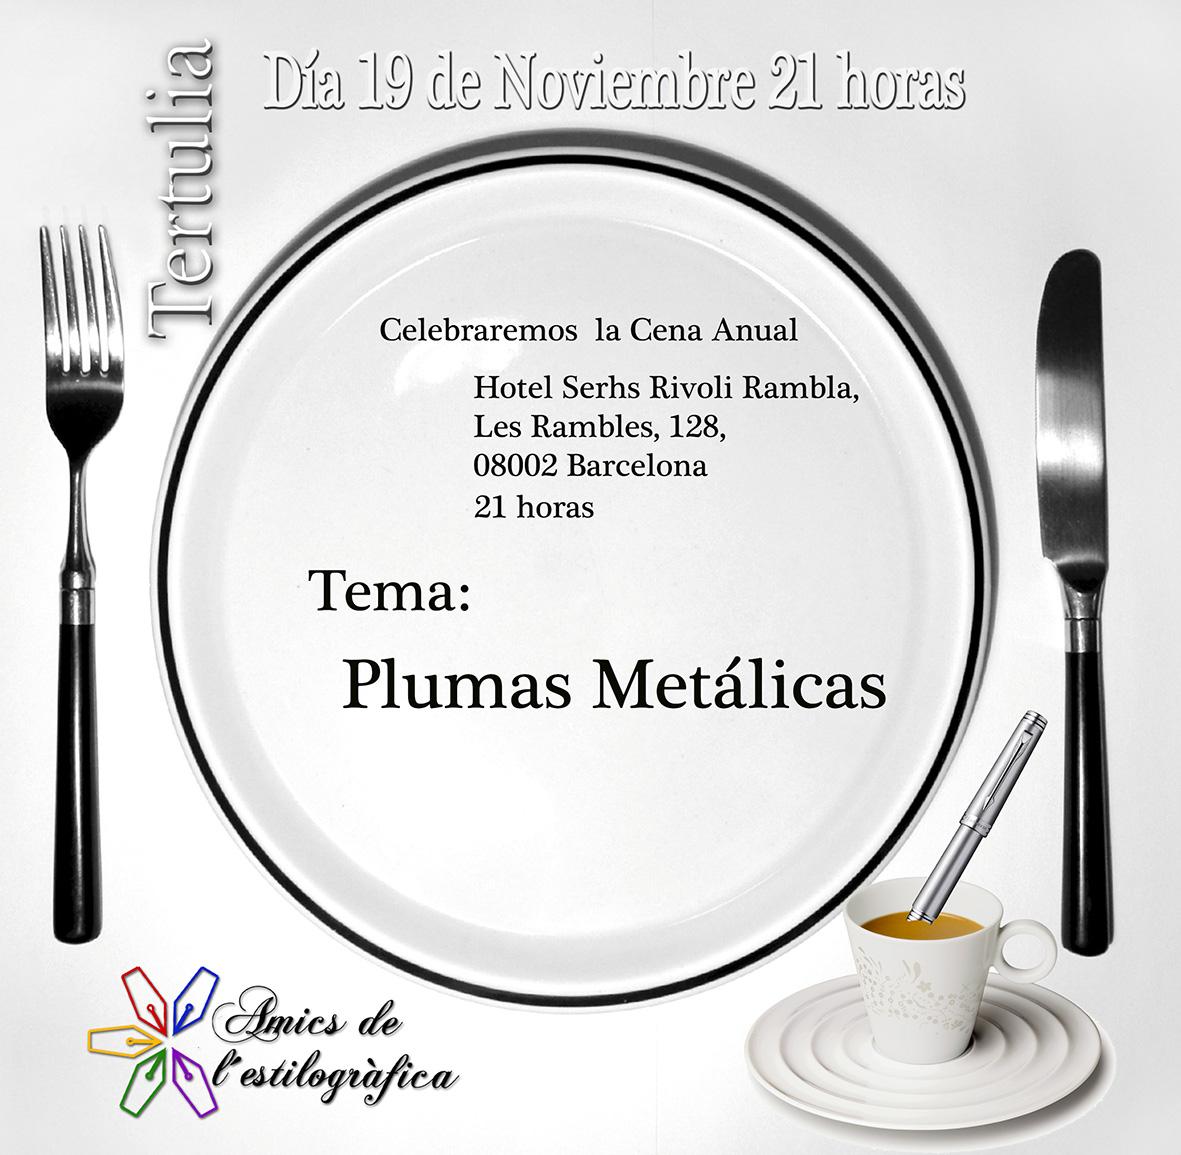 37 TERTULIA 19 DE NOVIEMBRE (PLUMAS METALICAS) 2015